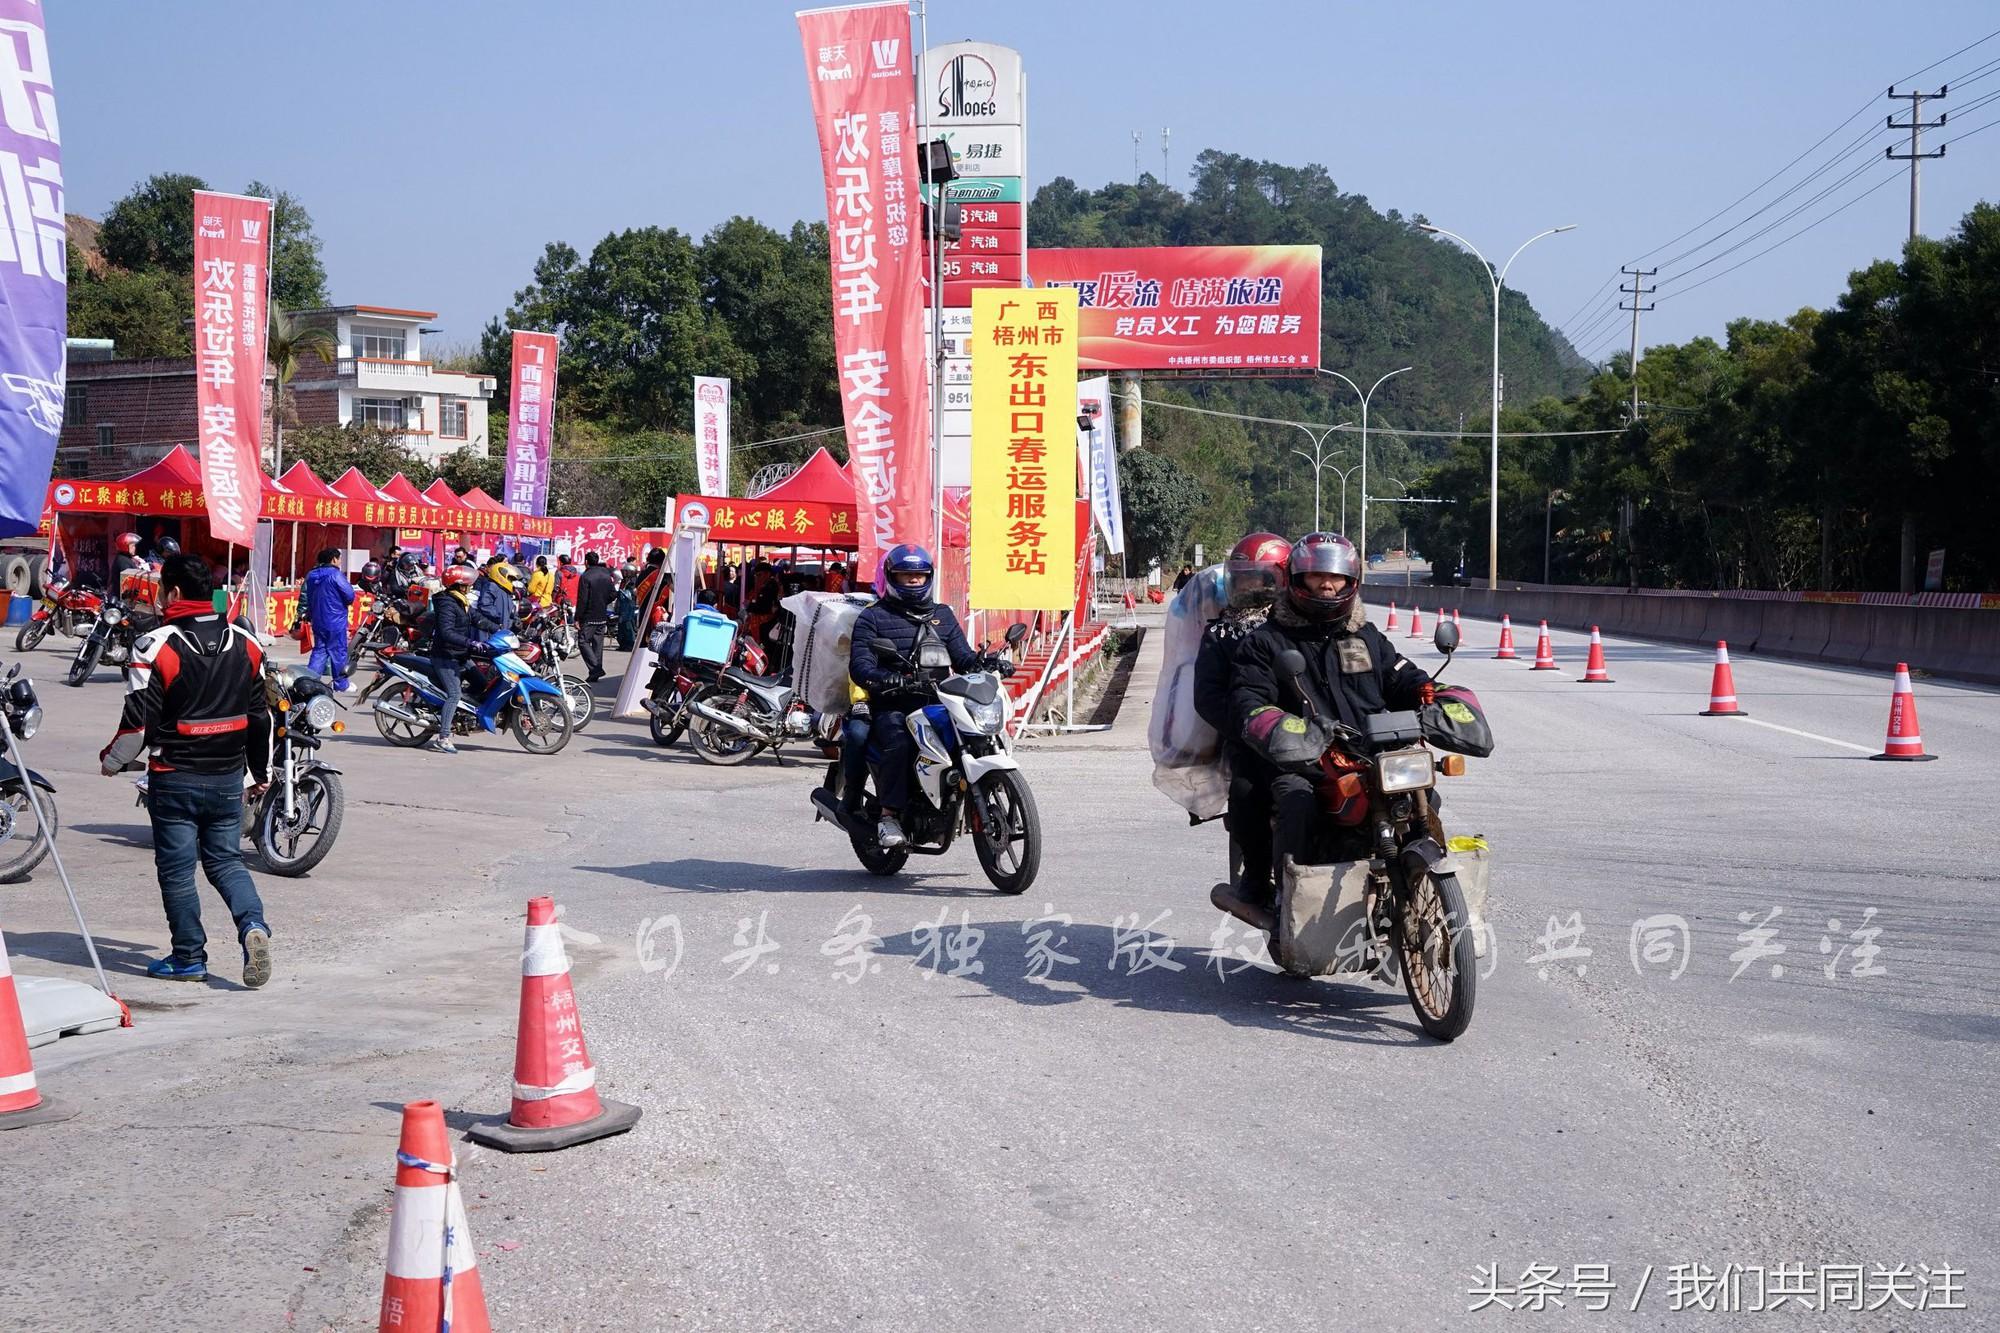 Ngán ngẩm cảnh đông đúc tại nhà xe bến tàu, hàng chục nghìn người Trung Quốc phượt trăm km về quê ăn Tết - Ảnh 14.